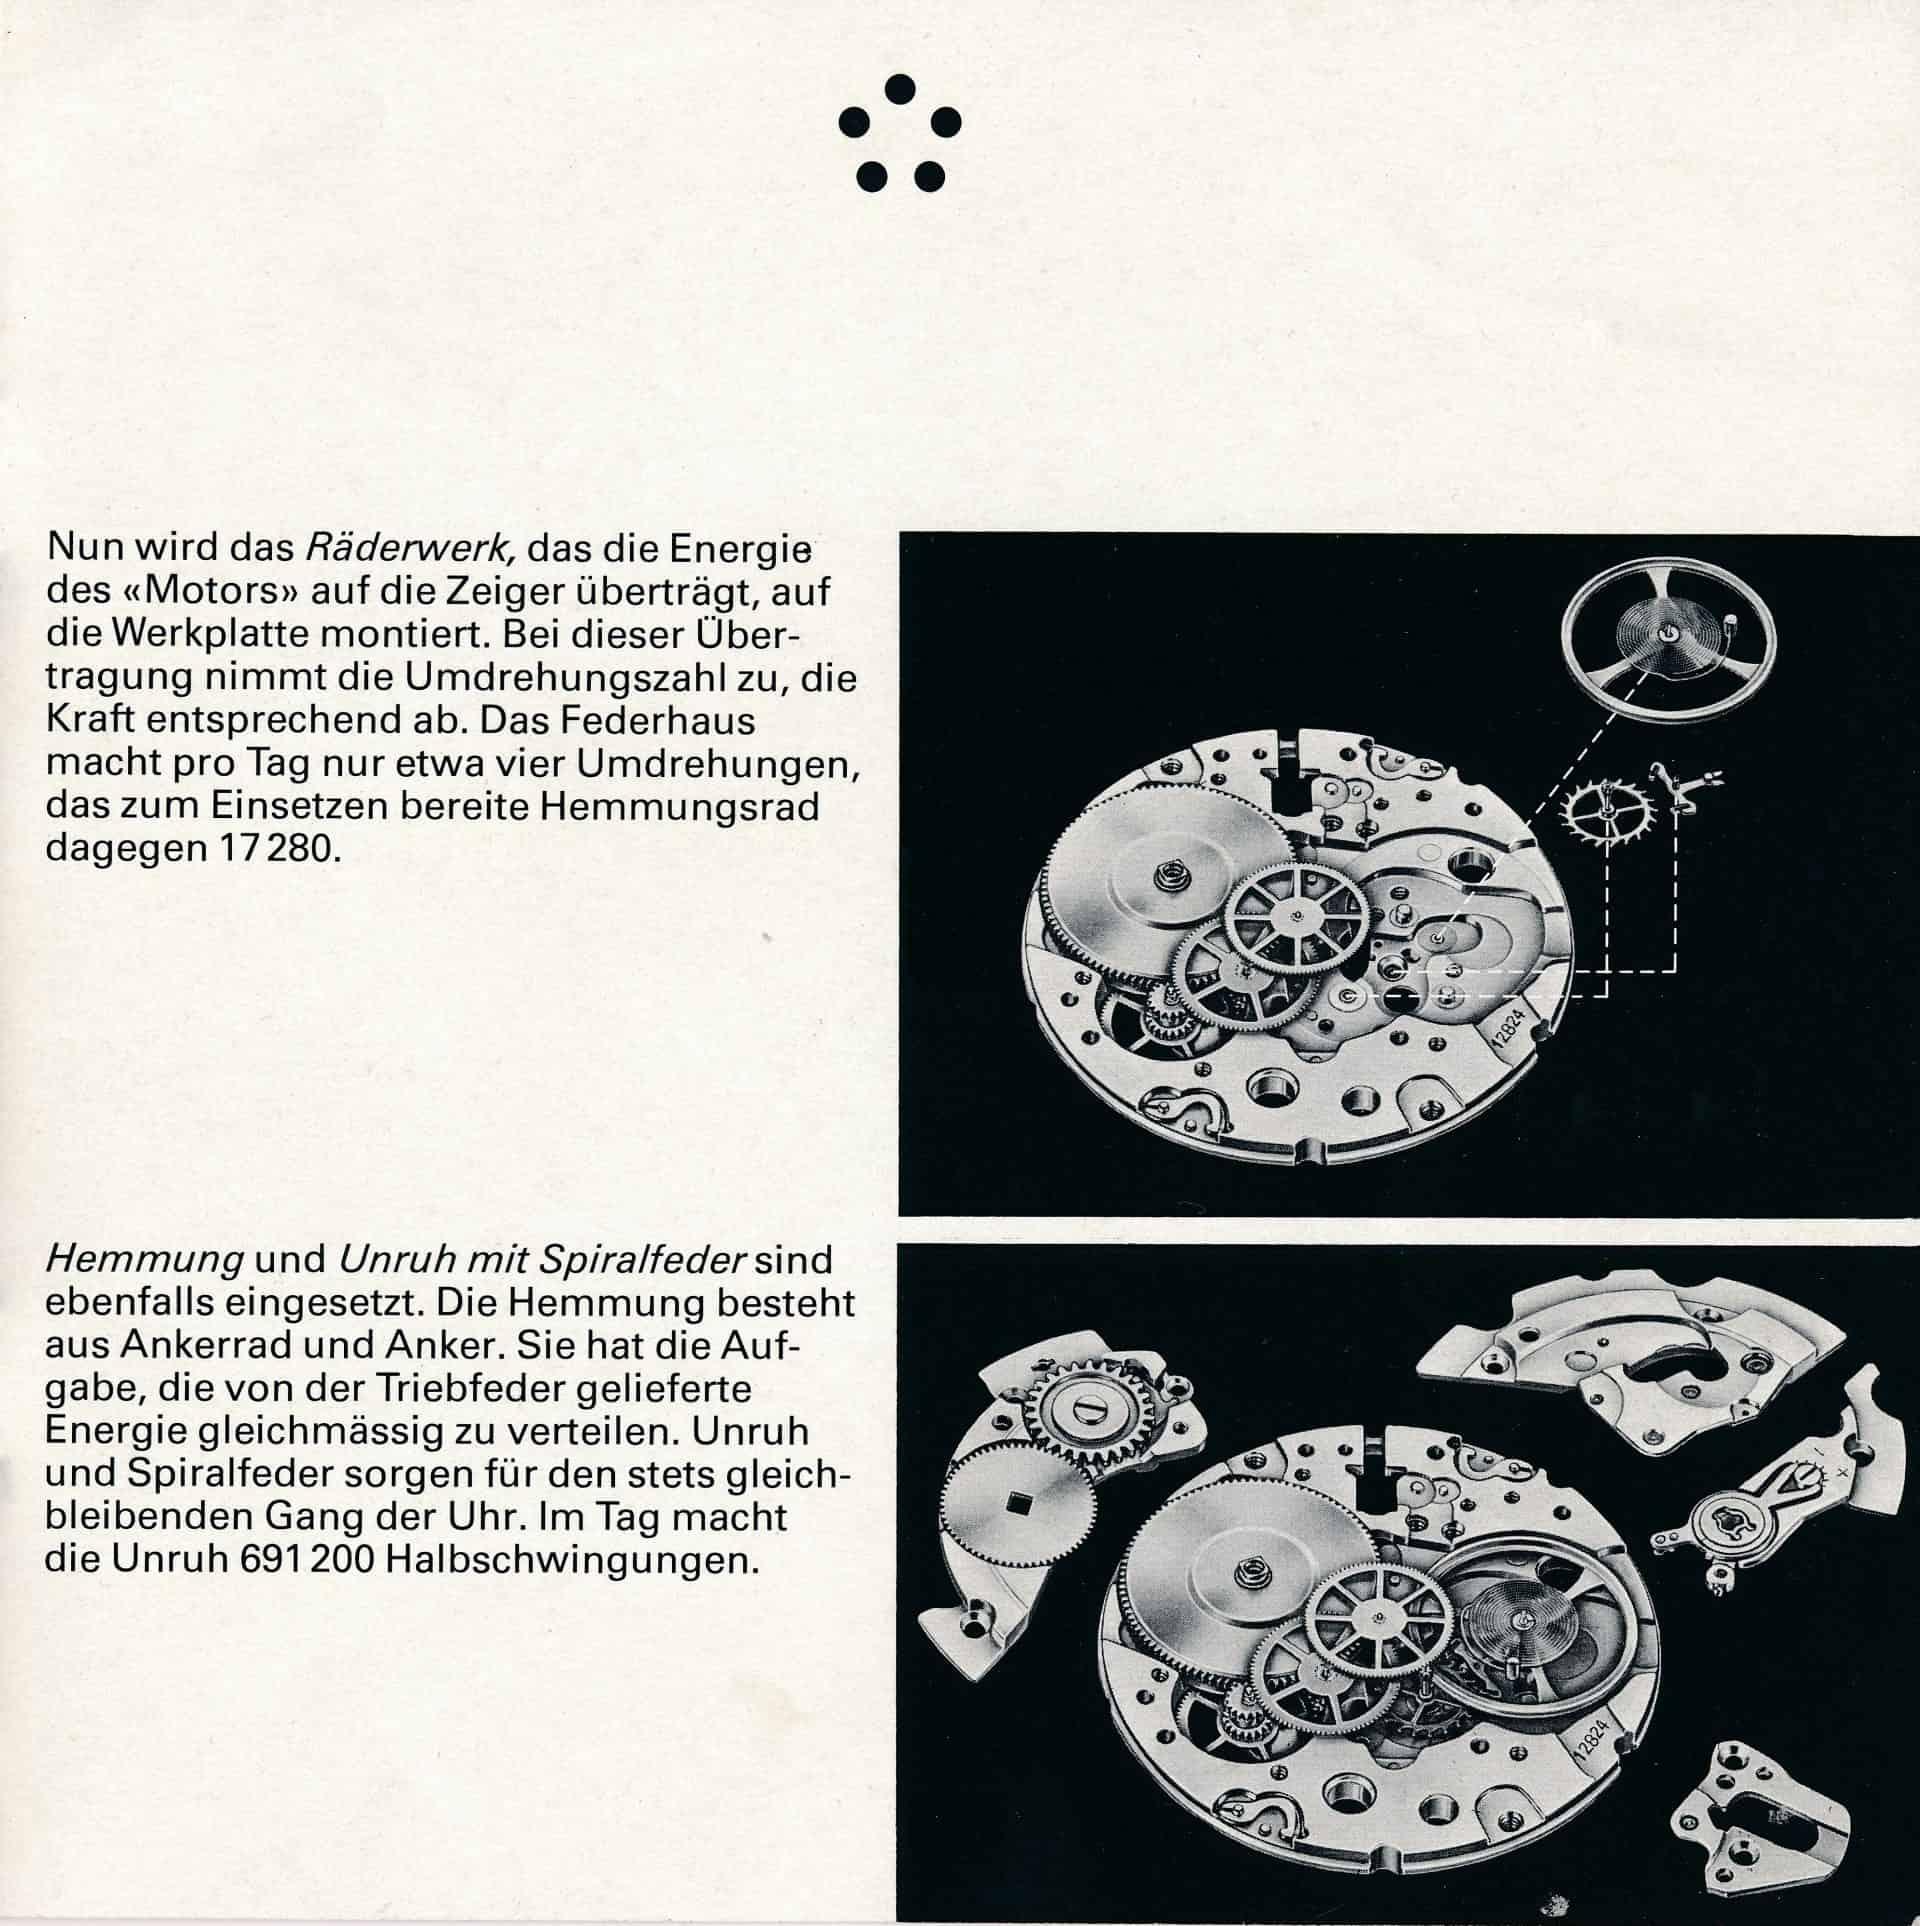 Die vorbildliche Erklärung des Aufbaus einer mechanischen Uhr